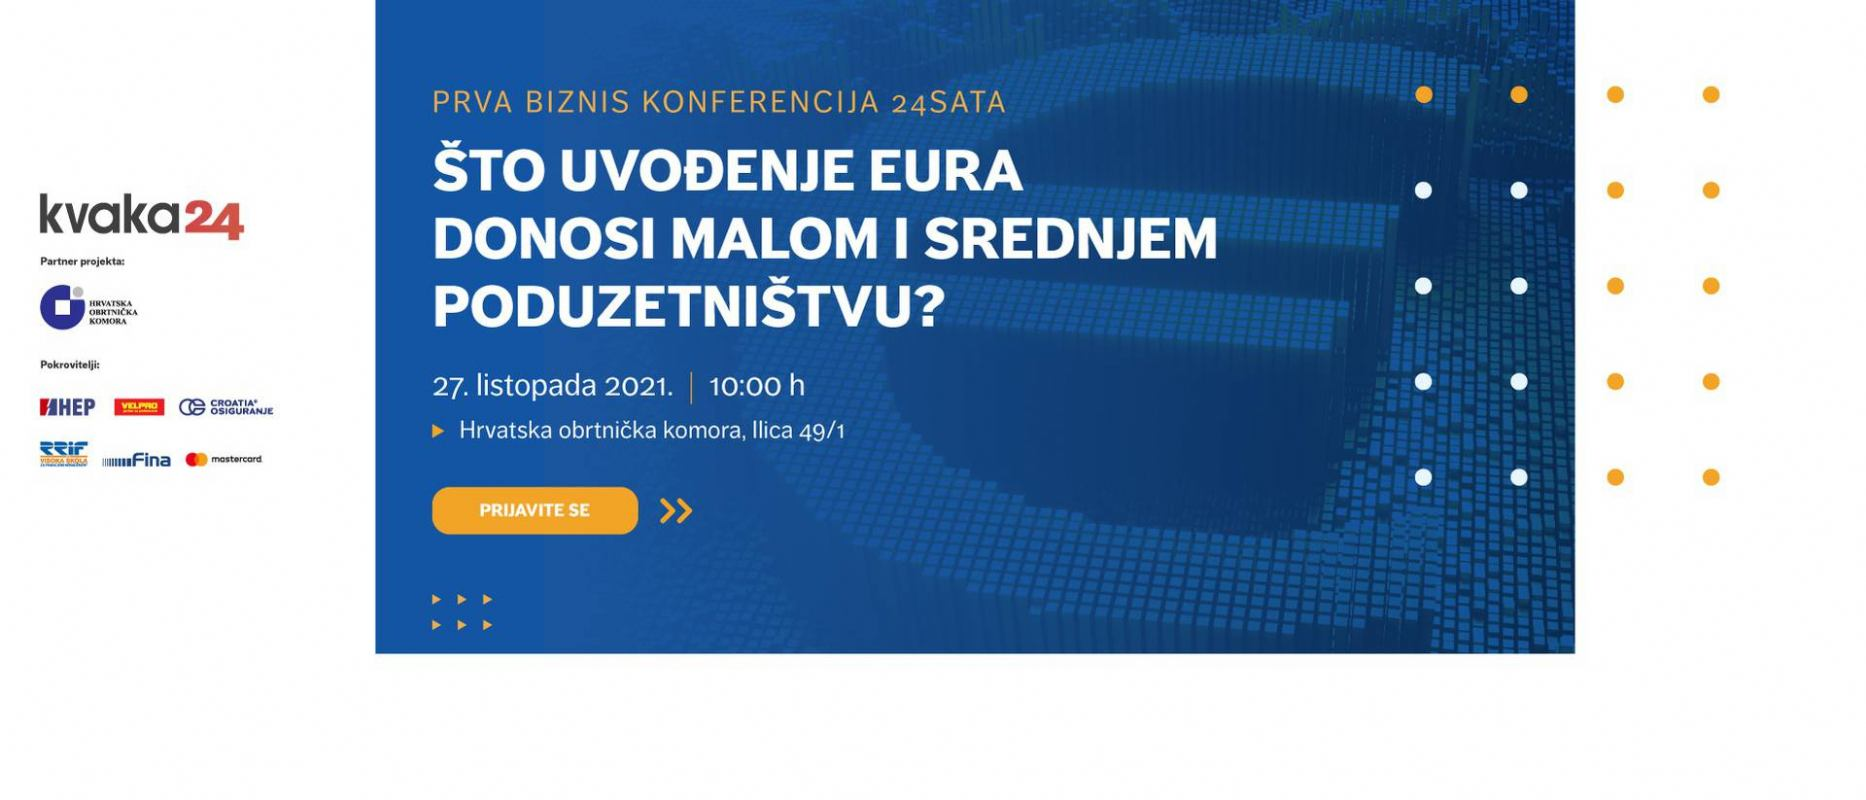 Besplatni prijevoz za EFRI studente na biznis konferenciju Kvaka 24!